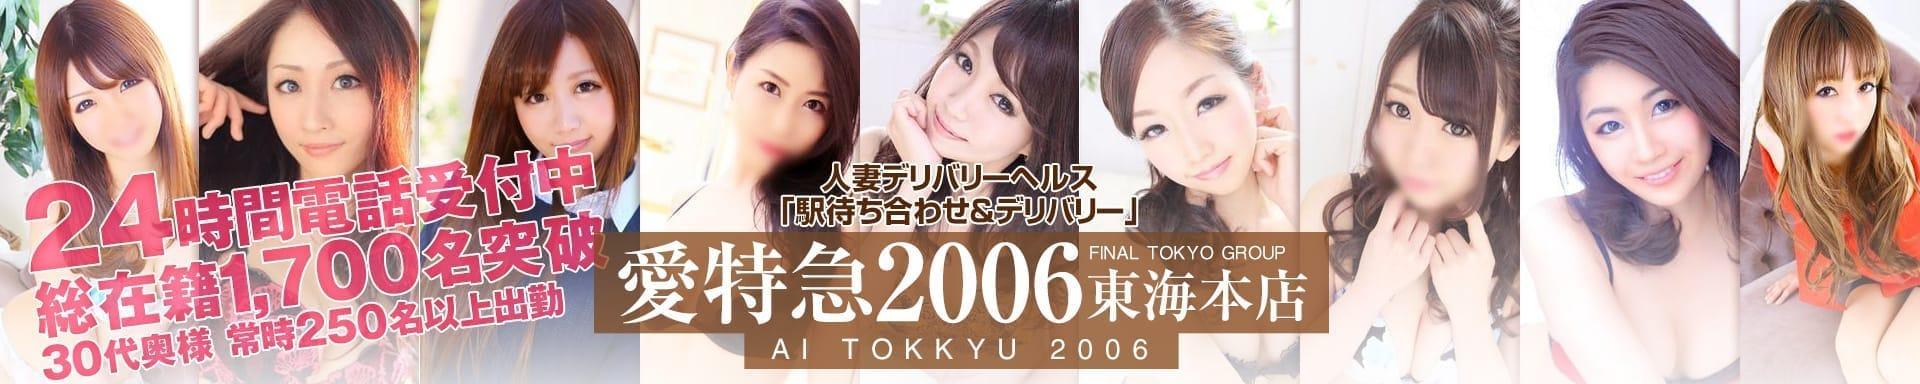 愛特急2006 ANNEX その3